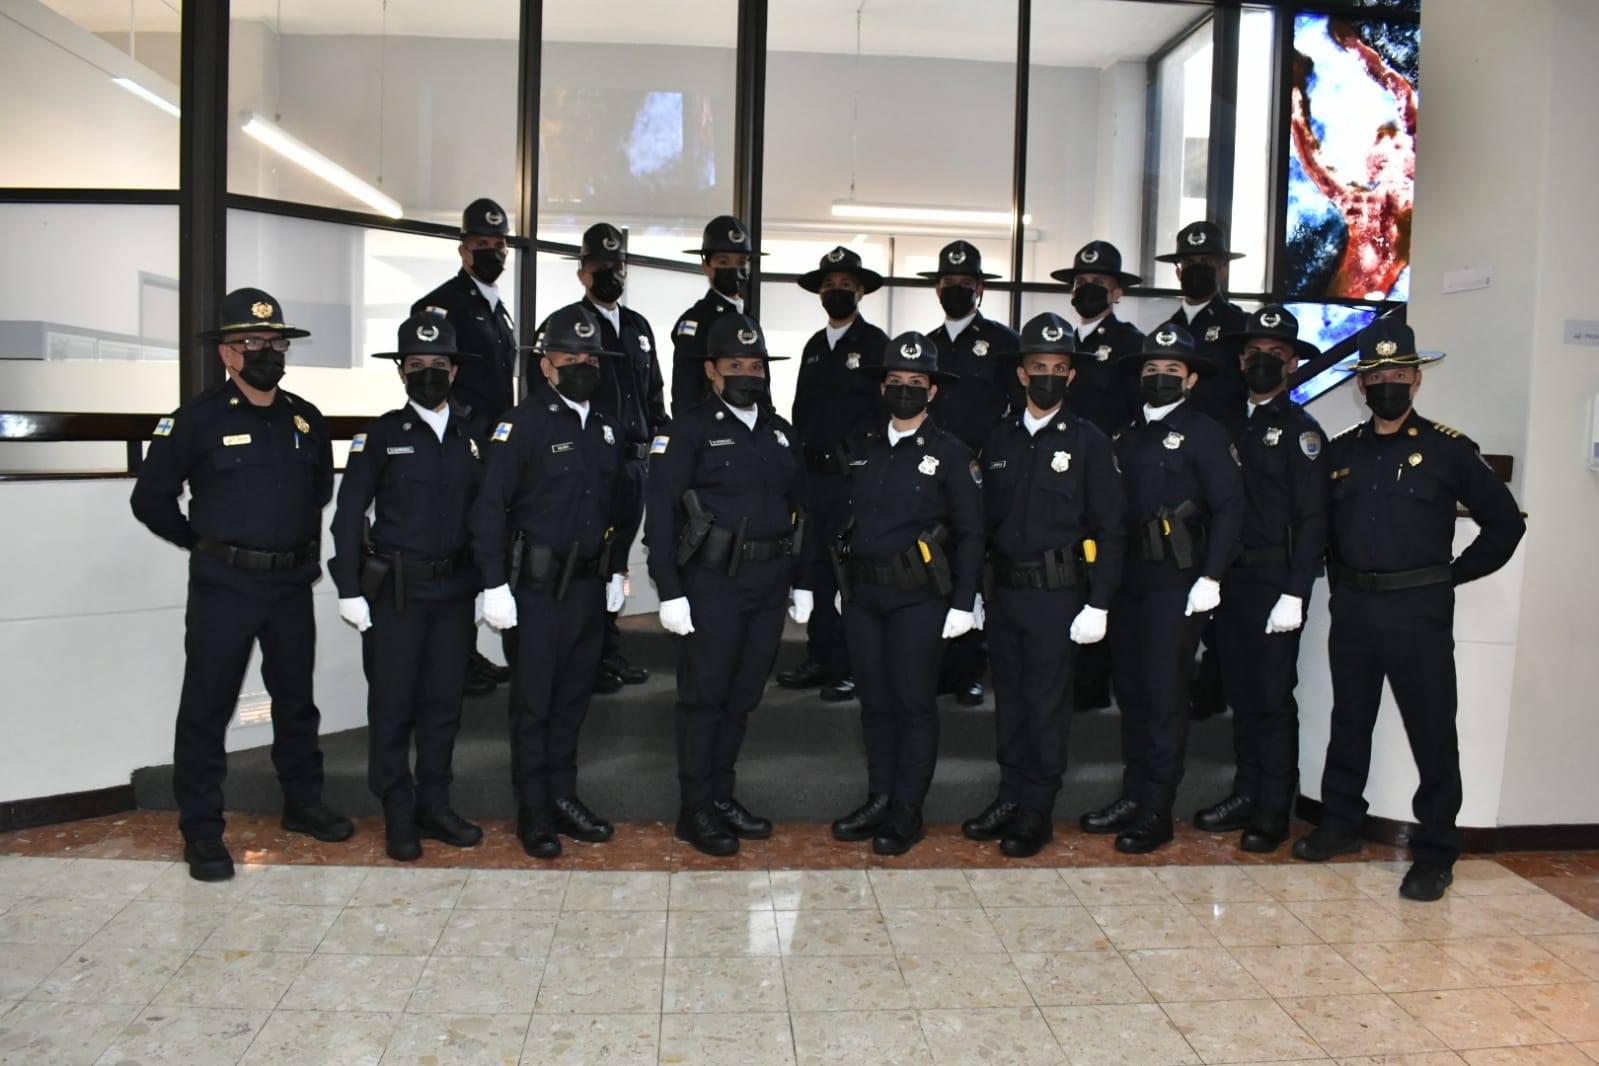 Municipio de Bayamón Aumenta el Número de Policías Municipales